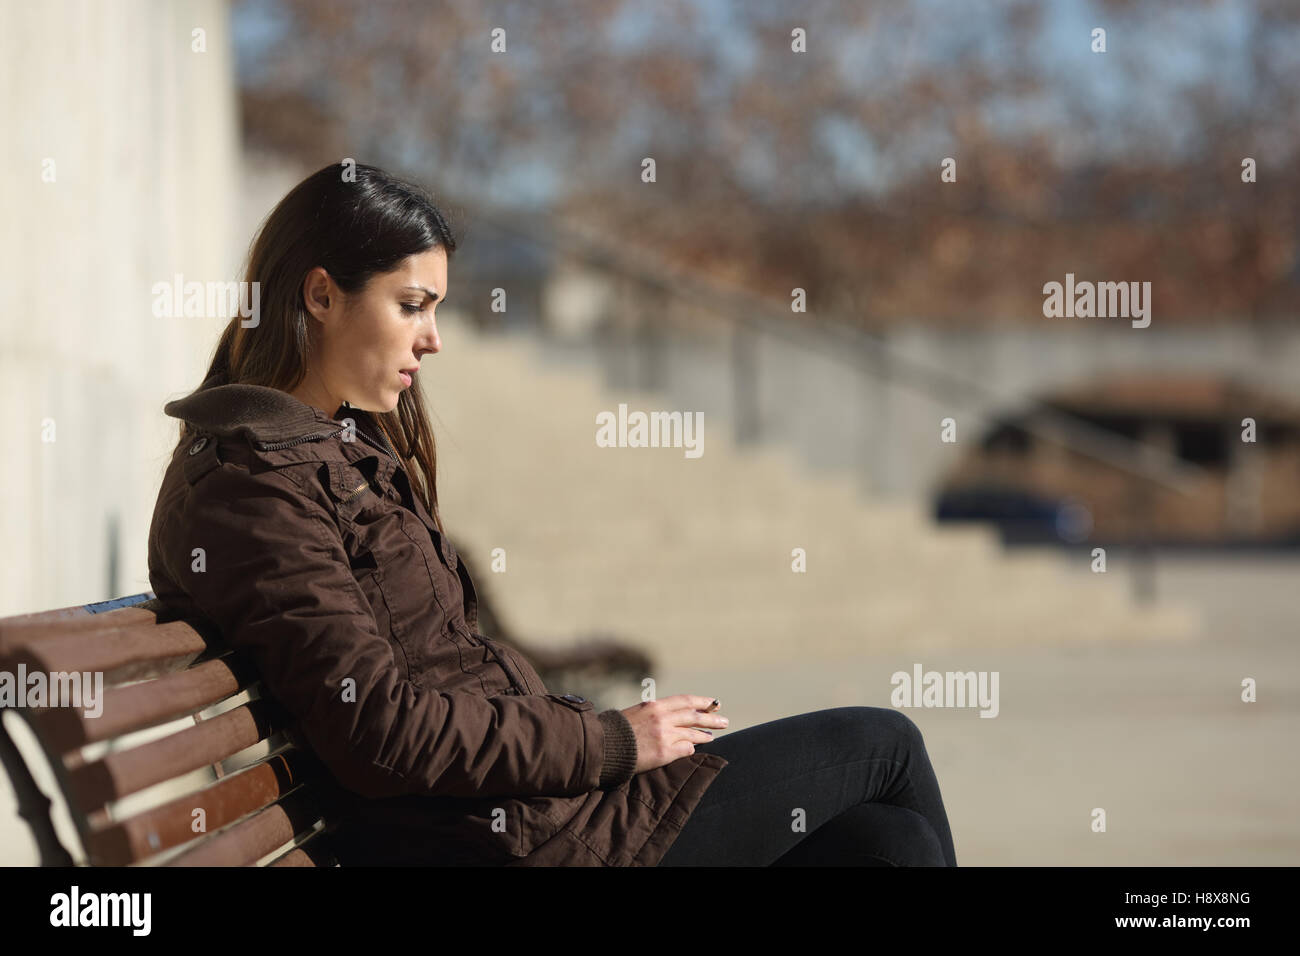 Vista laterale di un triste pensieroso donna fumatori seduto su una panchina in strada in inverno Immagini Stock